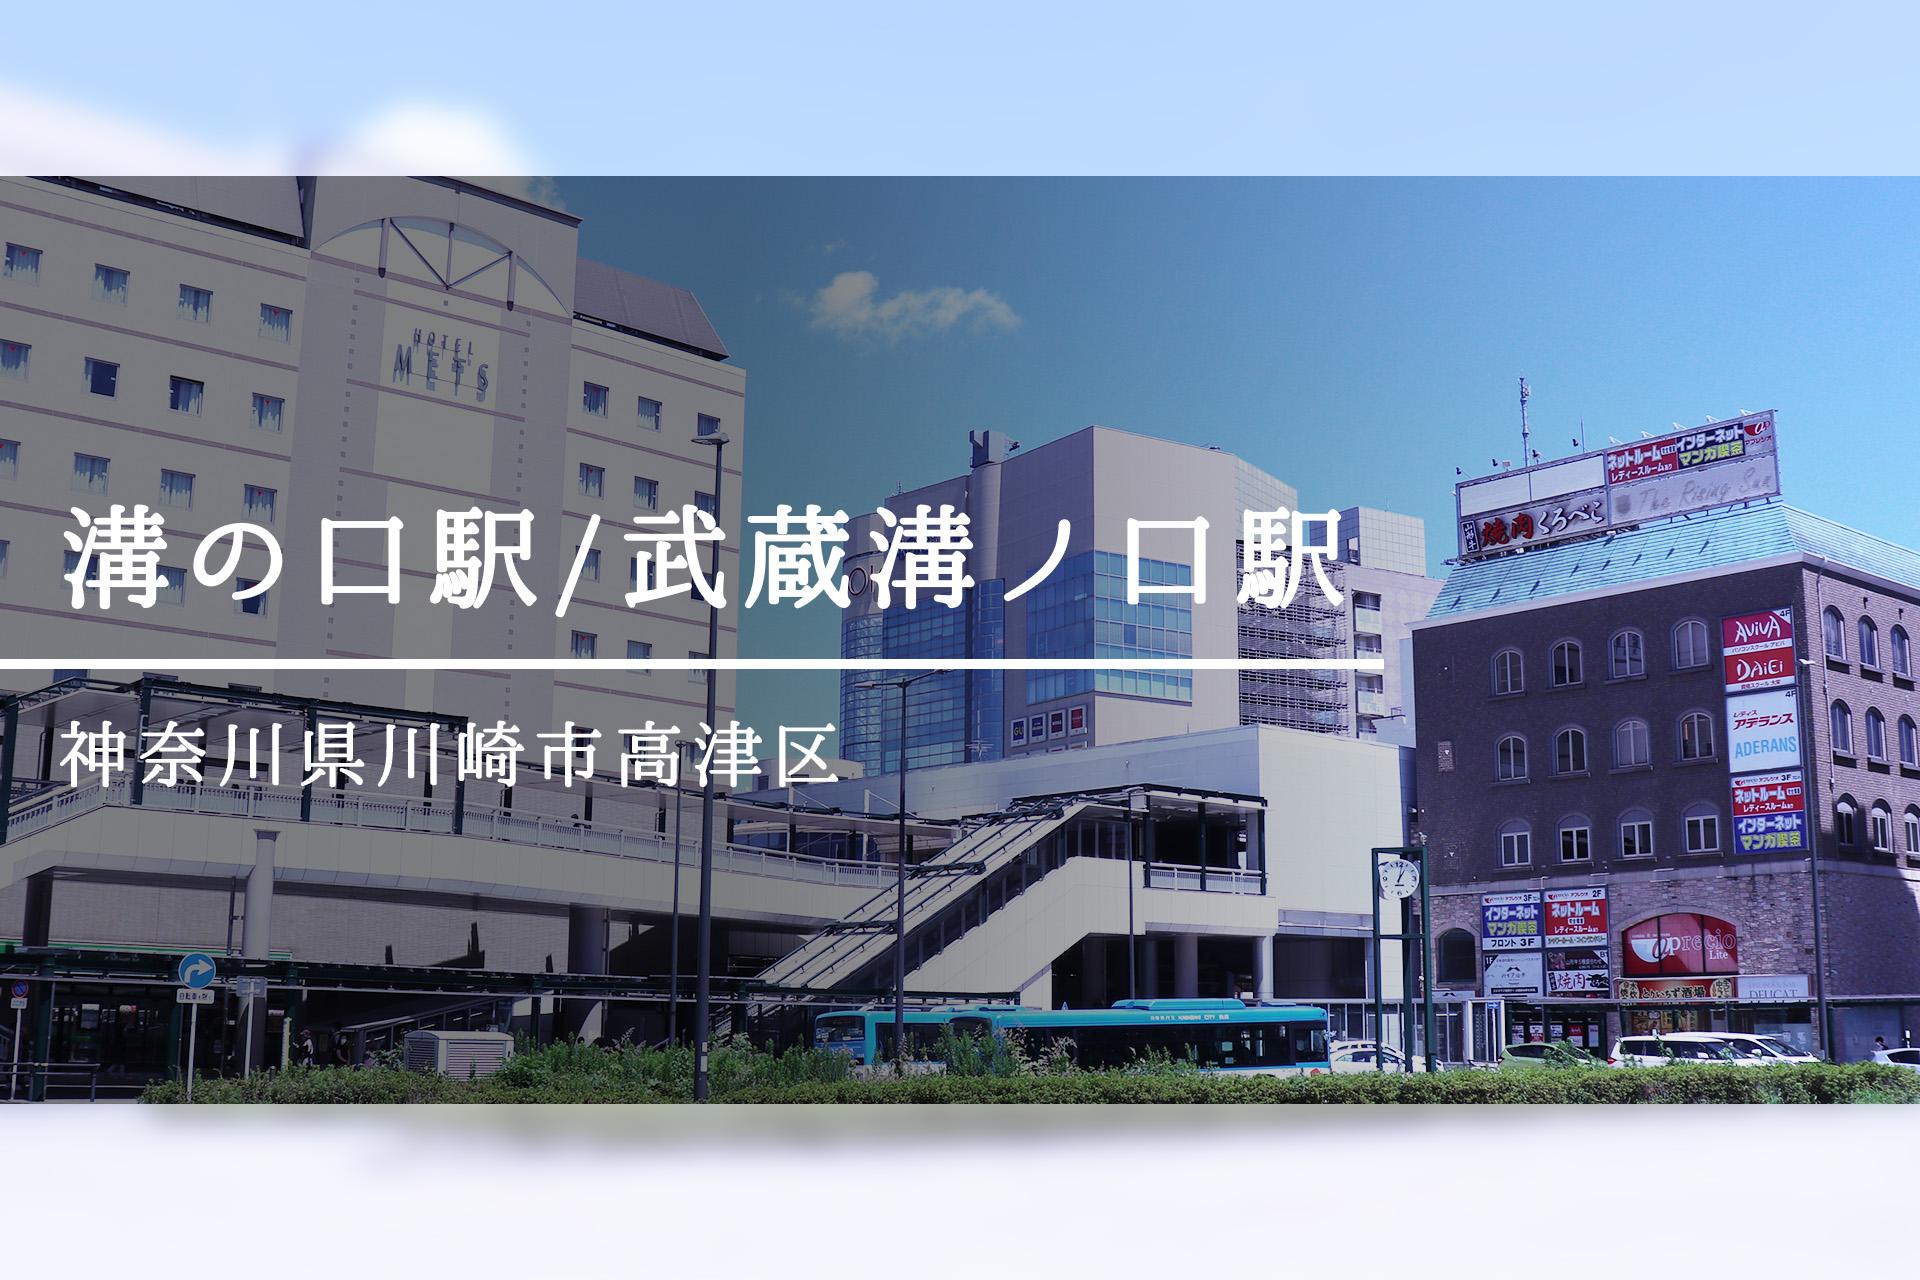 【大宮駅周辺を歩いてみた】埼玉県最大の都市は、鉄道とナポリタンの街!?